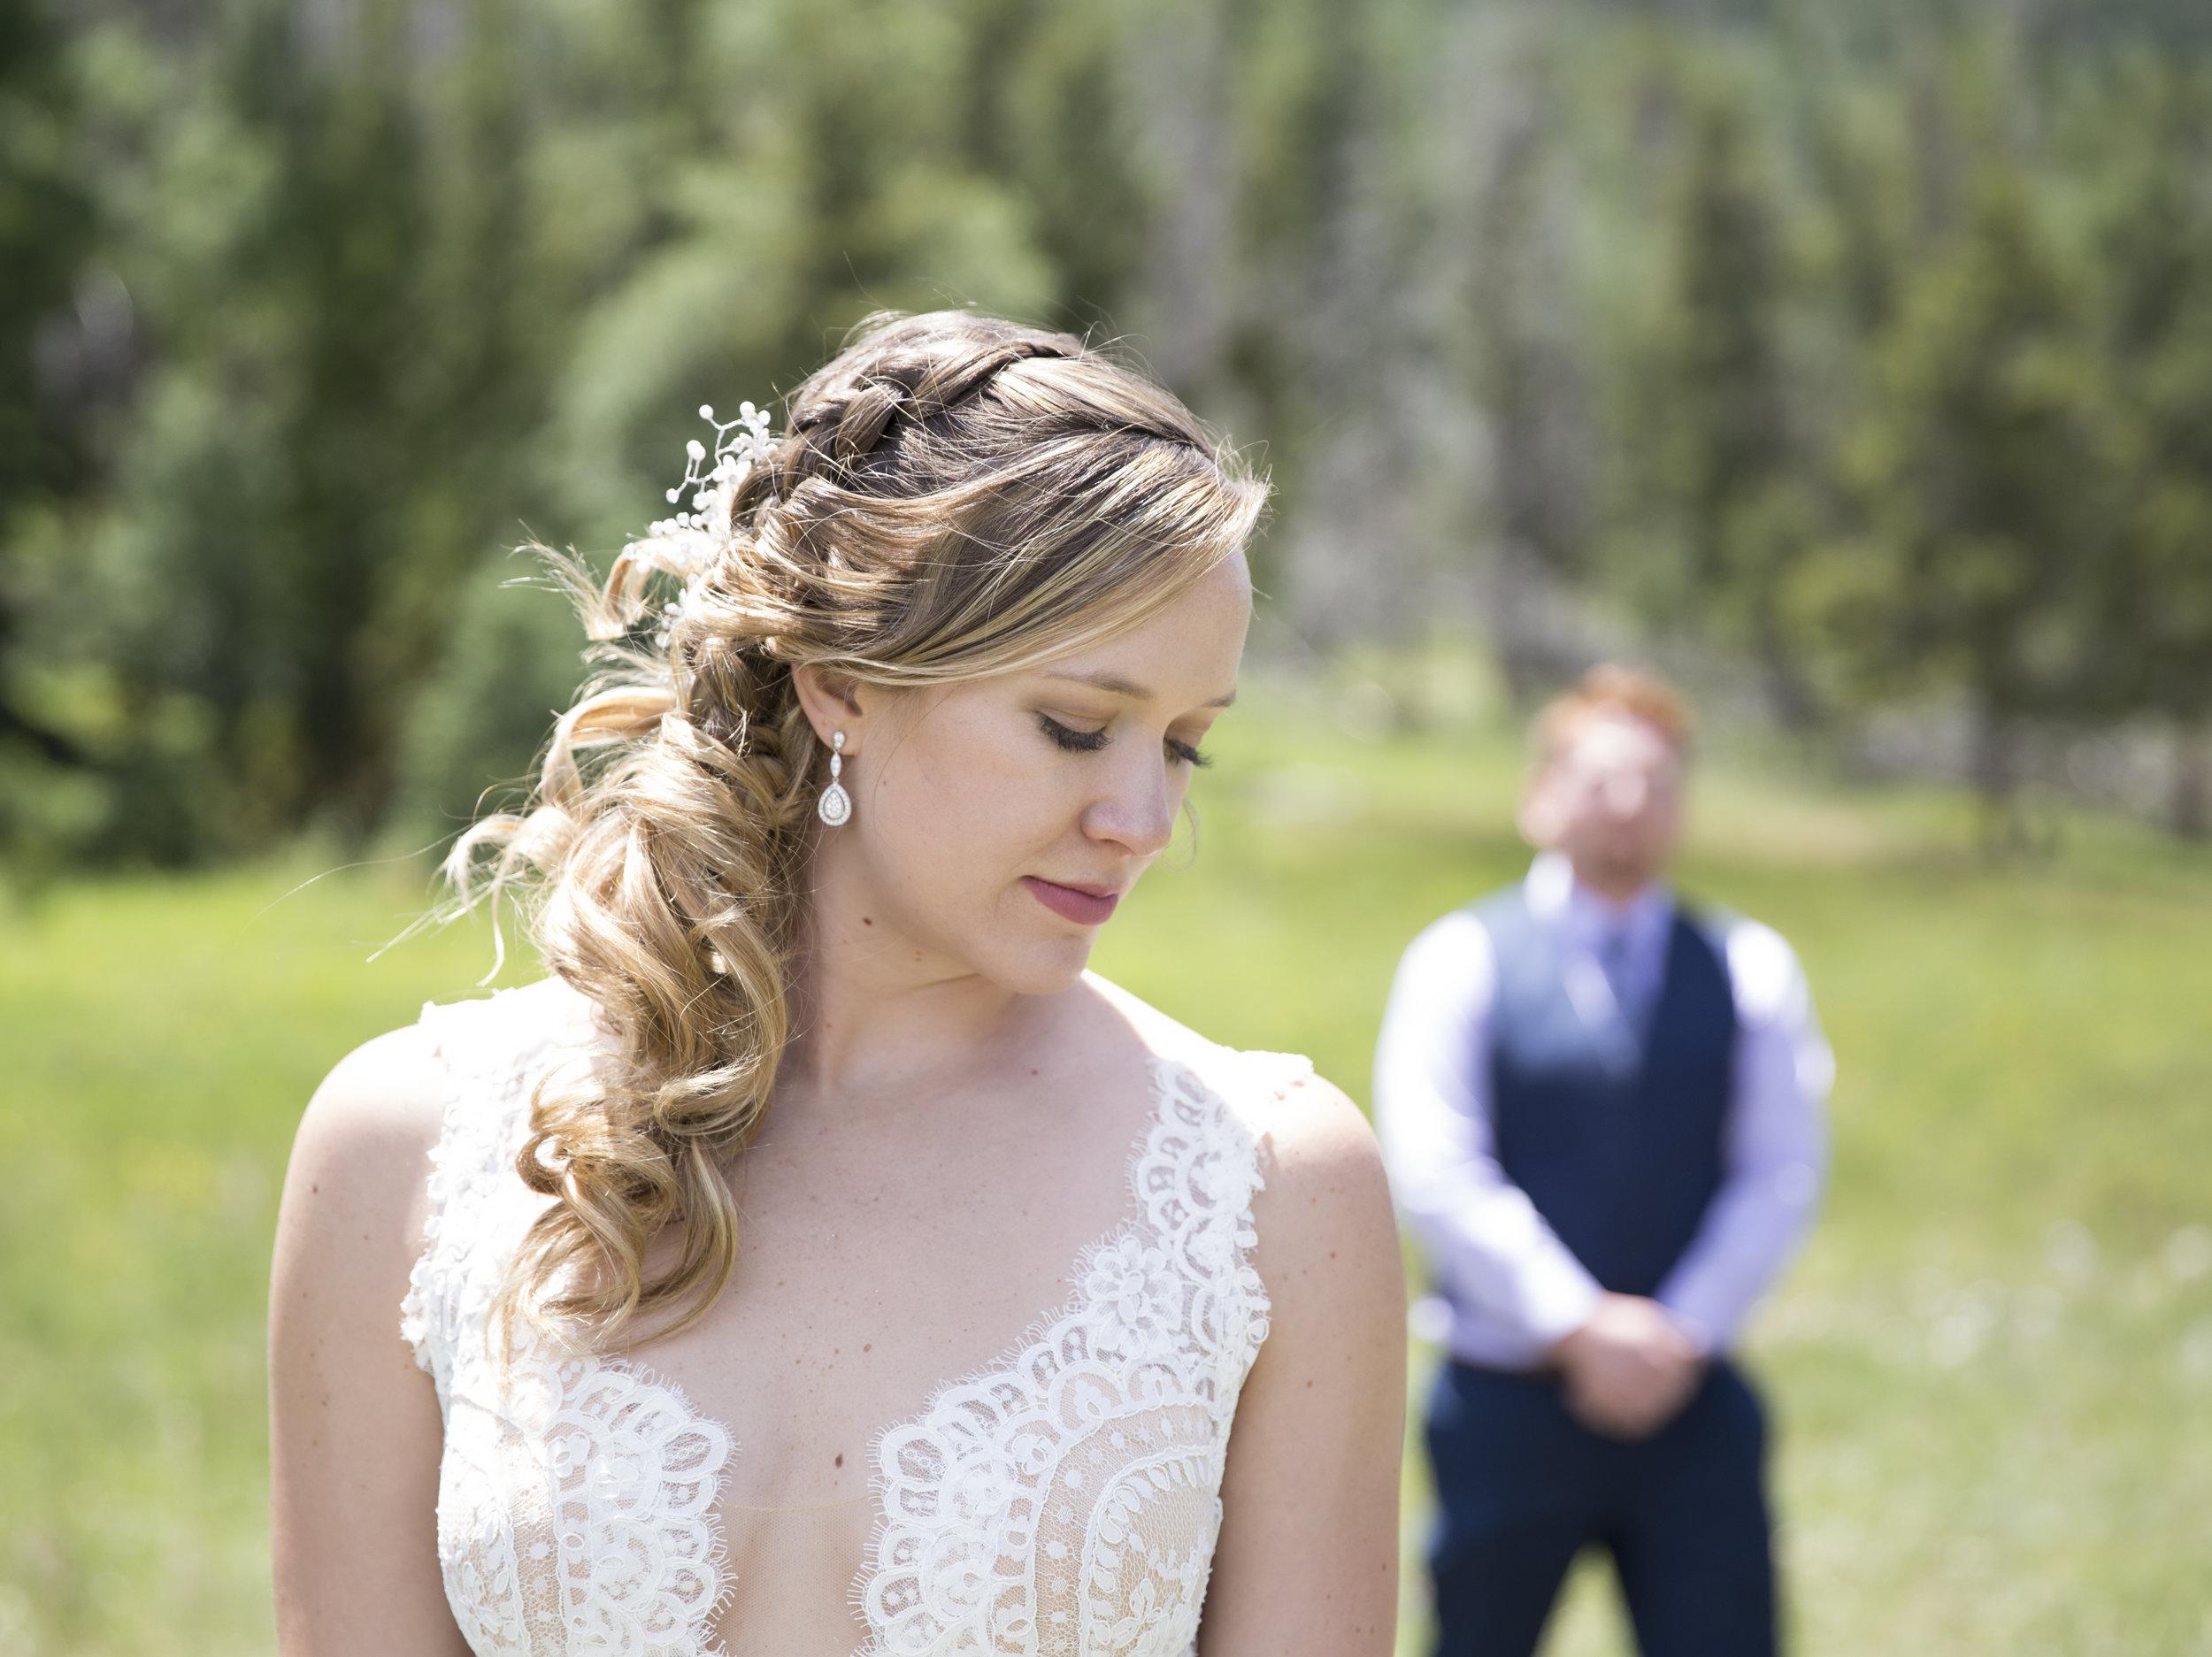 Bride w Chance blurred behind her.jpg